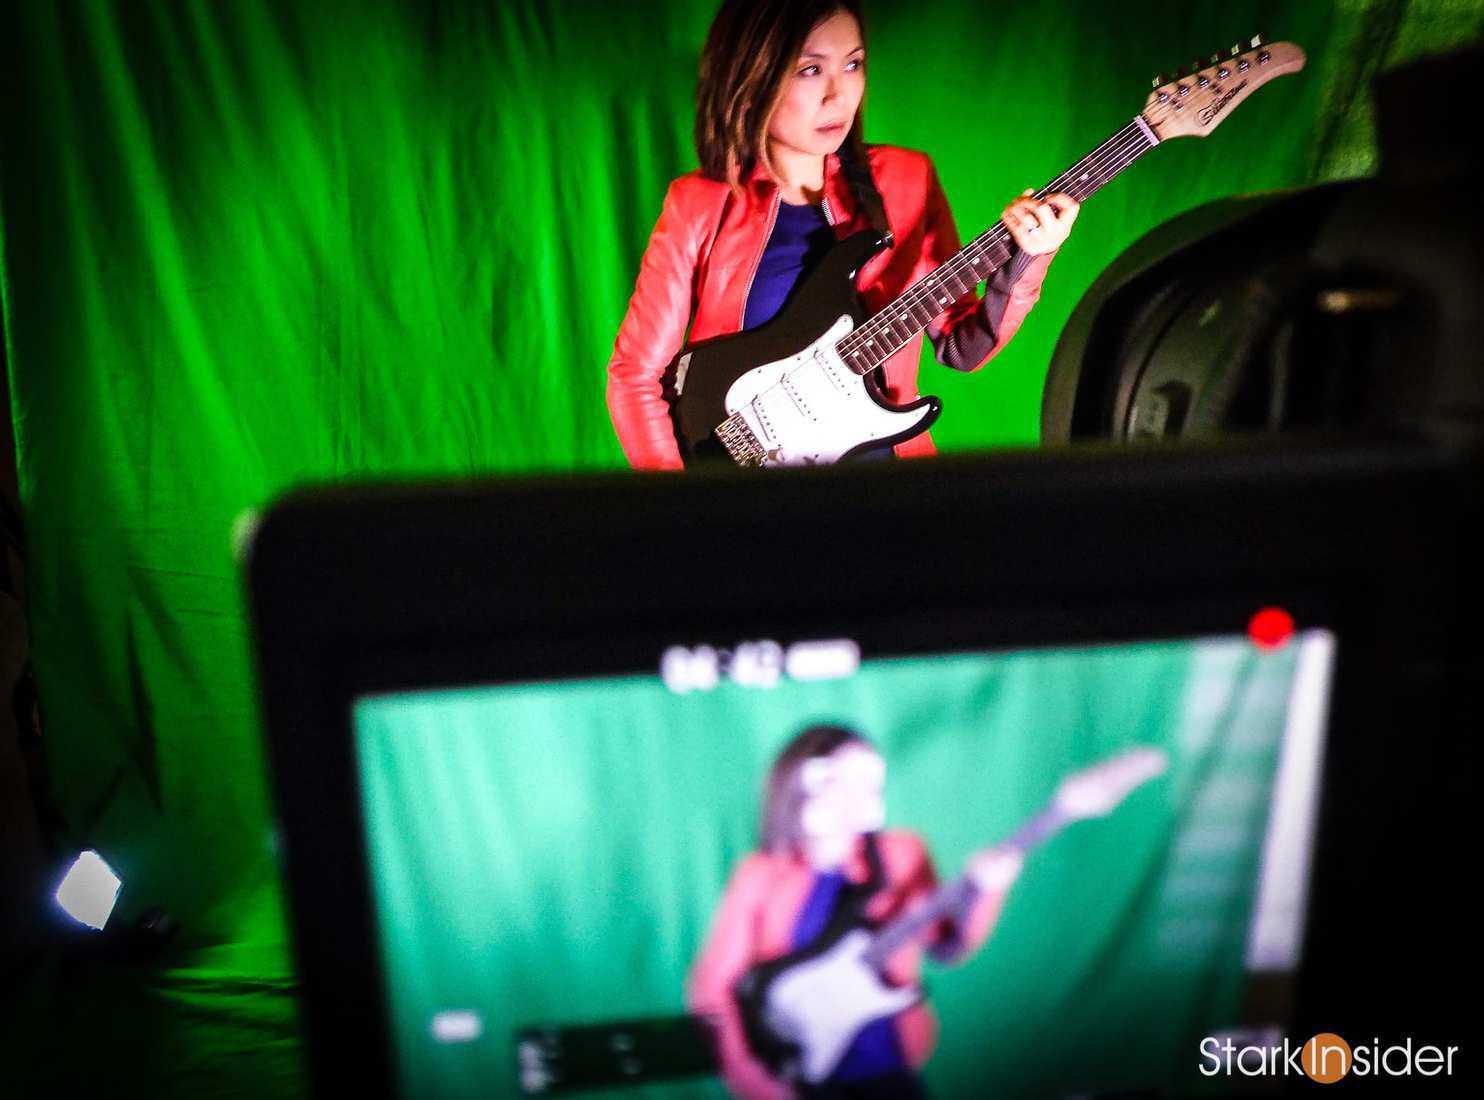 Loni Stark Green Screen for Stark Insider Video